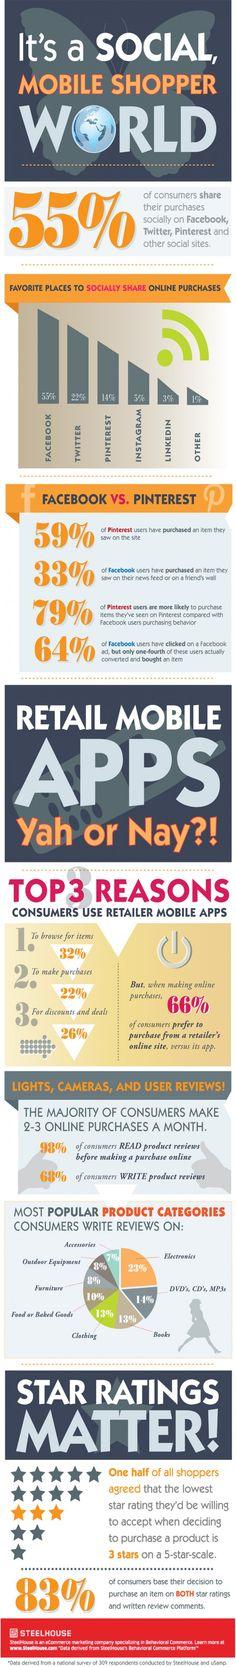 Social Mobile Shoppers (Pinterest data)